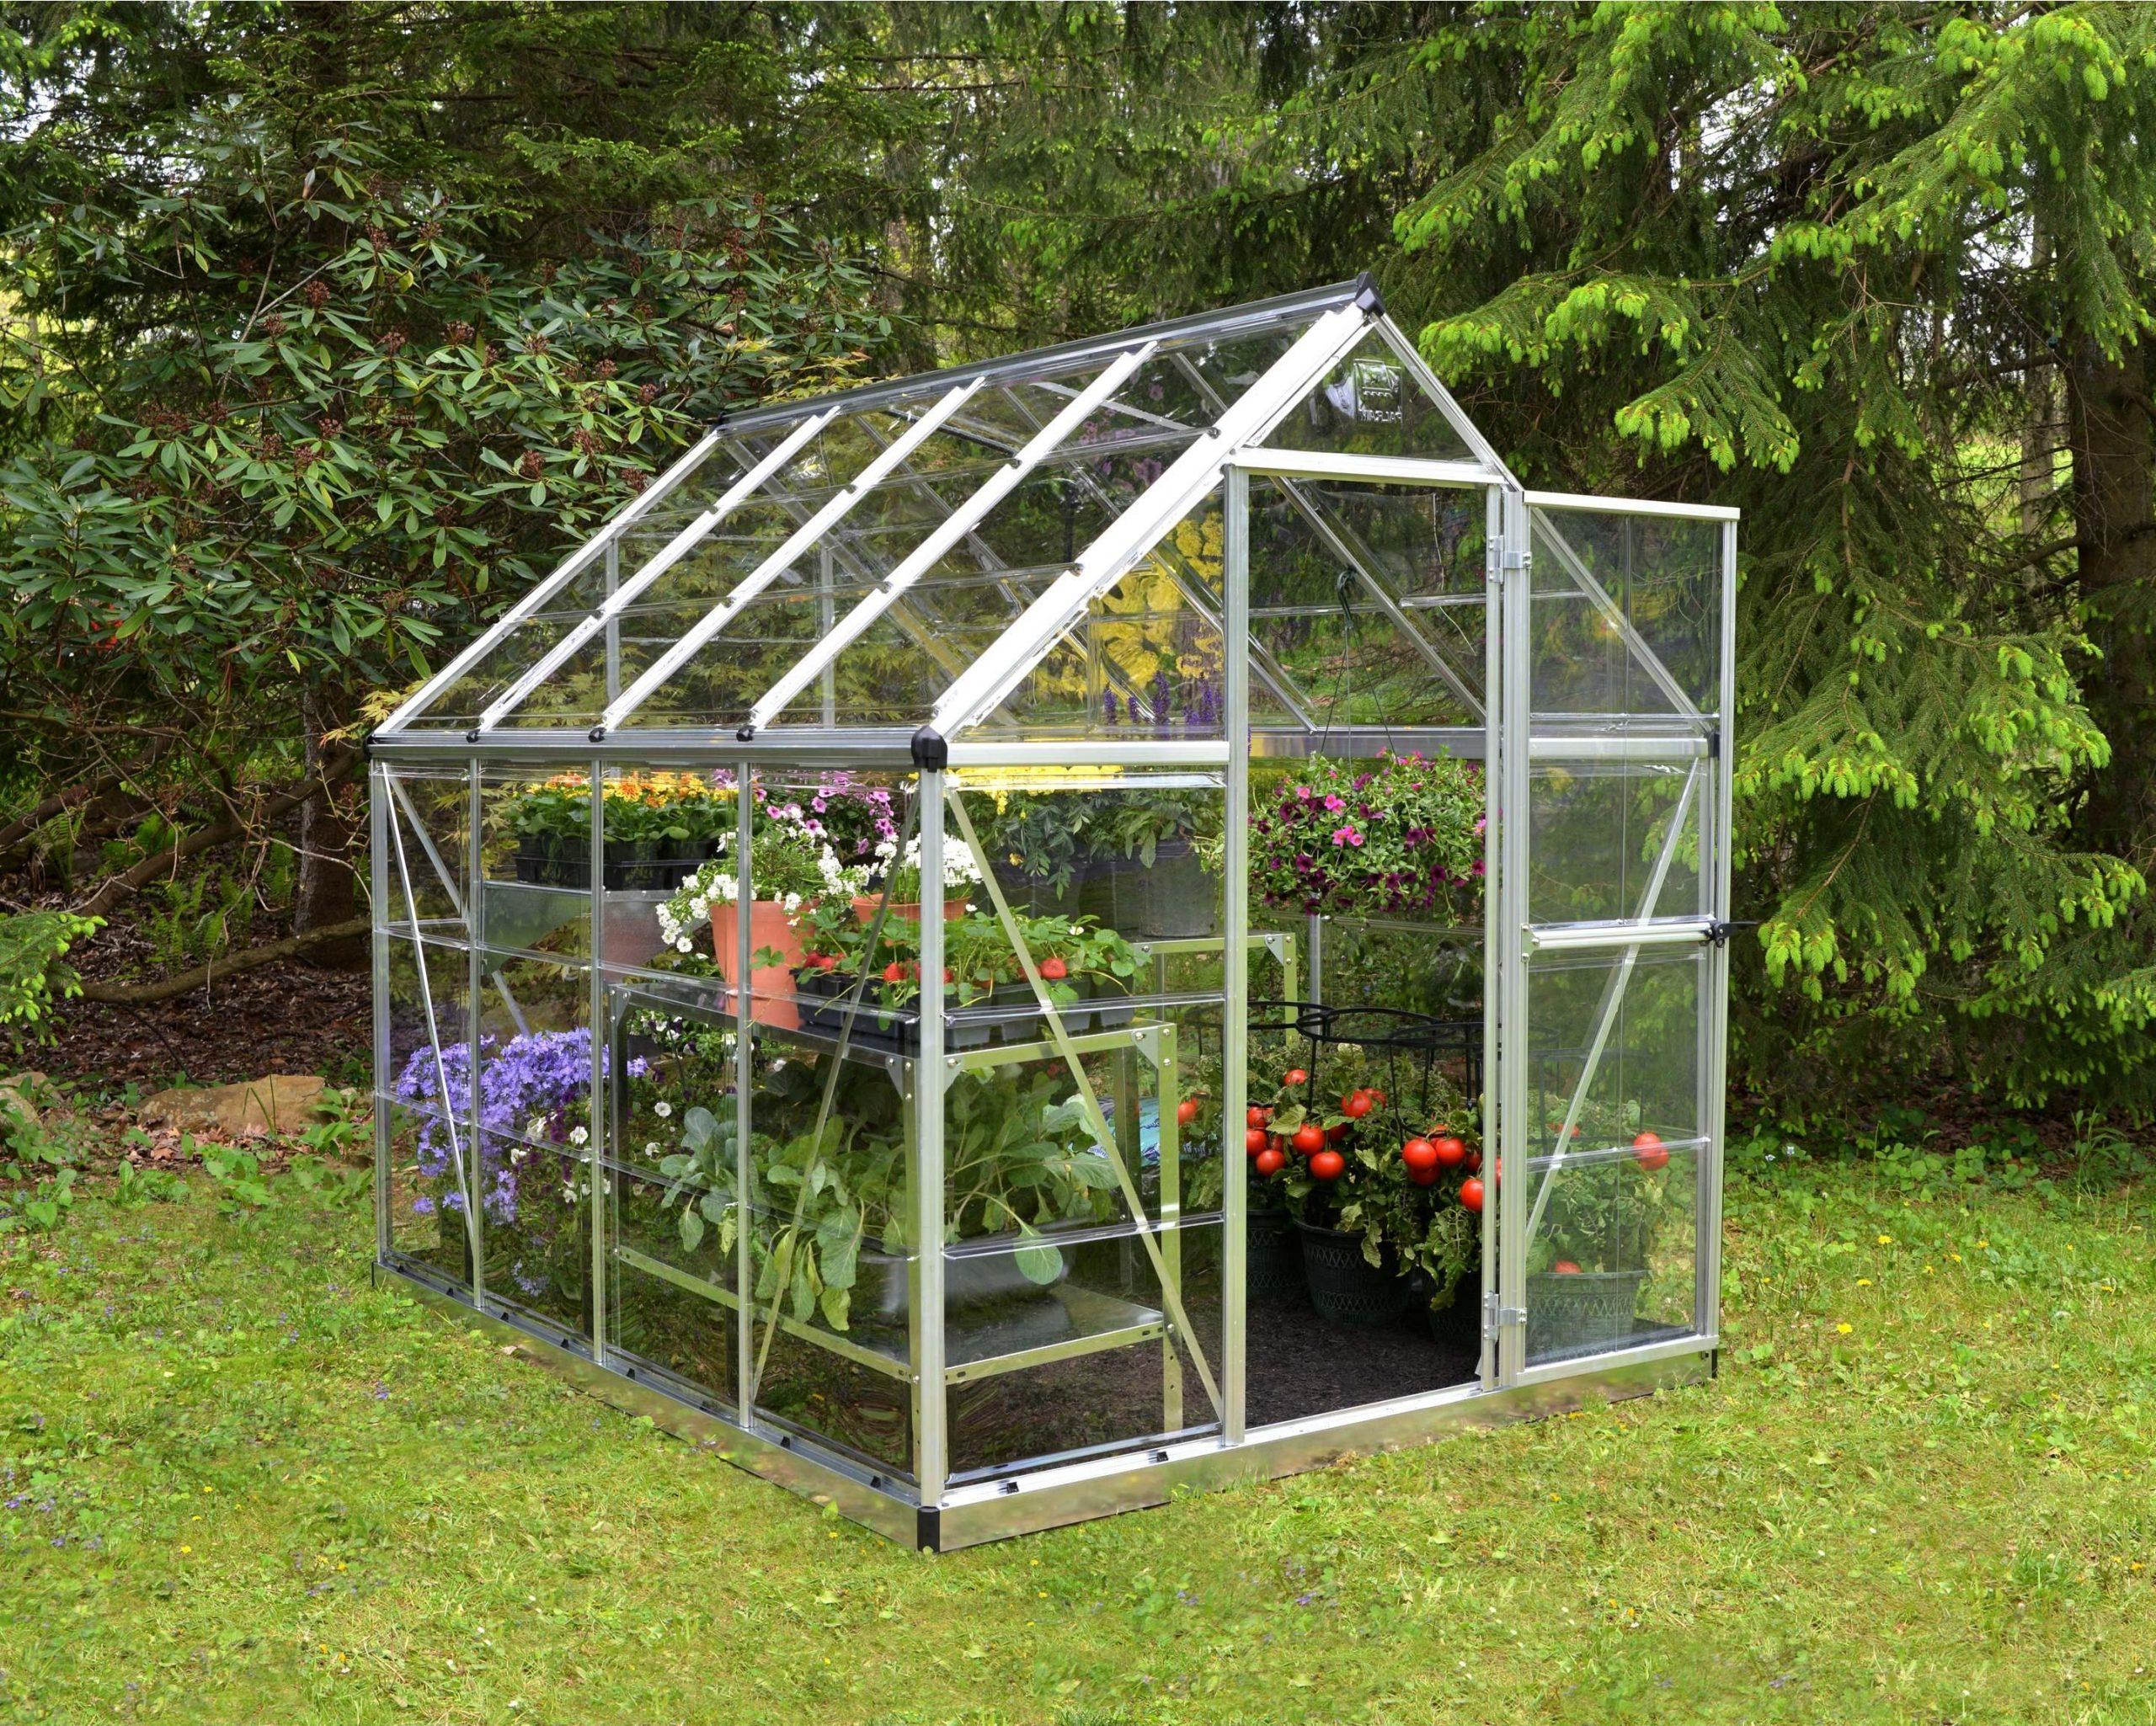 Serre De Jardin Argent Harmony 4.5 M², Aluminium Et ... tout Serres De Jardin Leroy Merlin